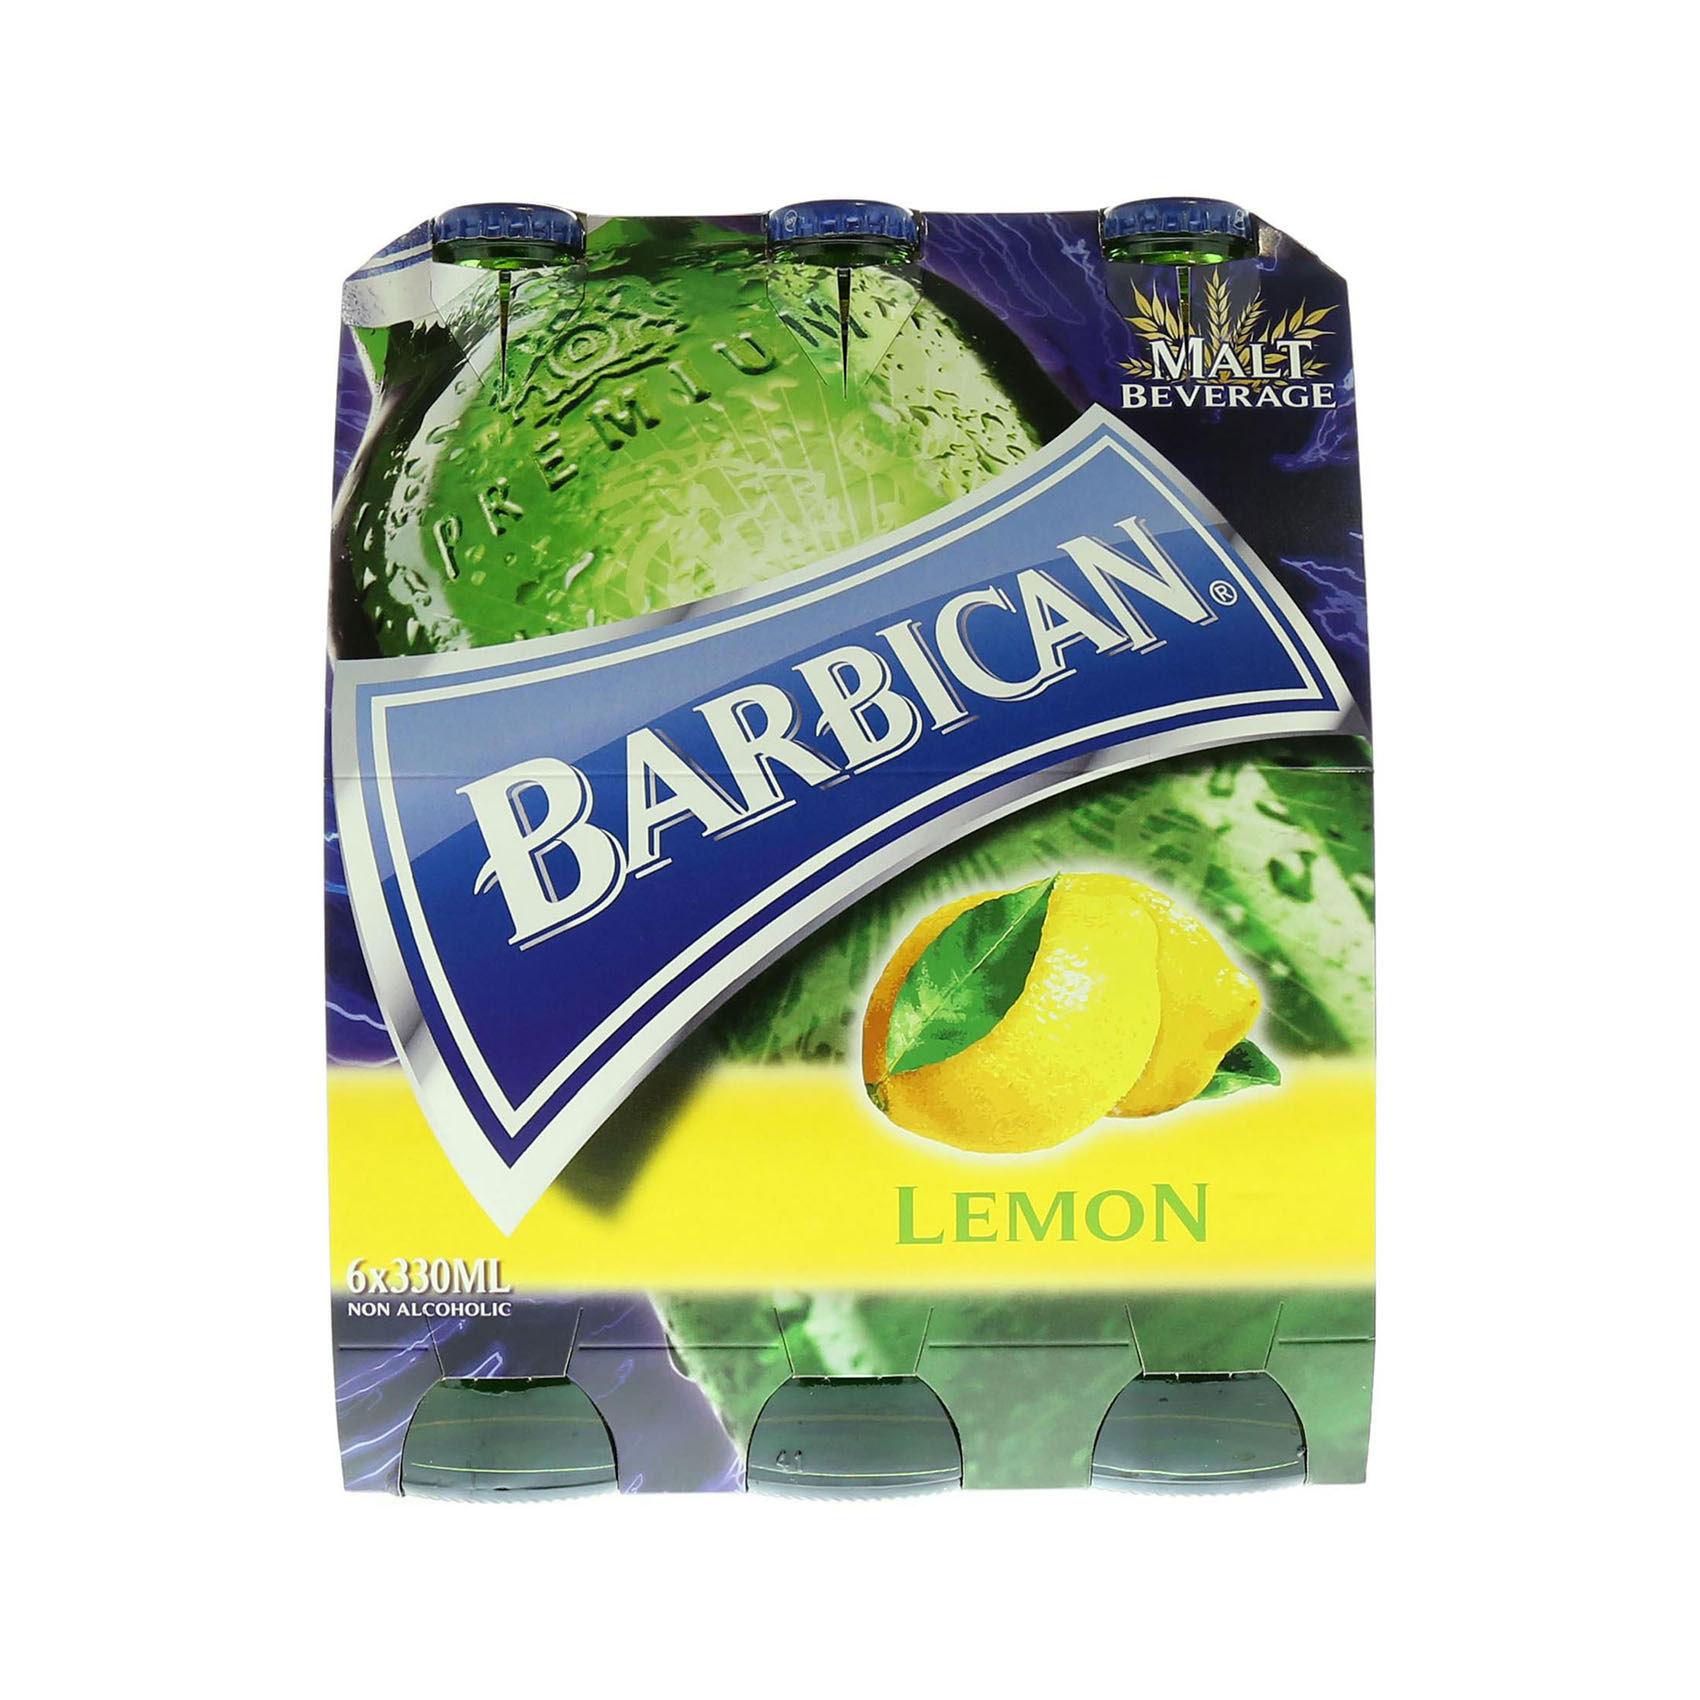 BARBICAN N/ALCO BEER LEMON 330MLX6